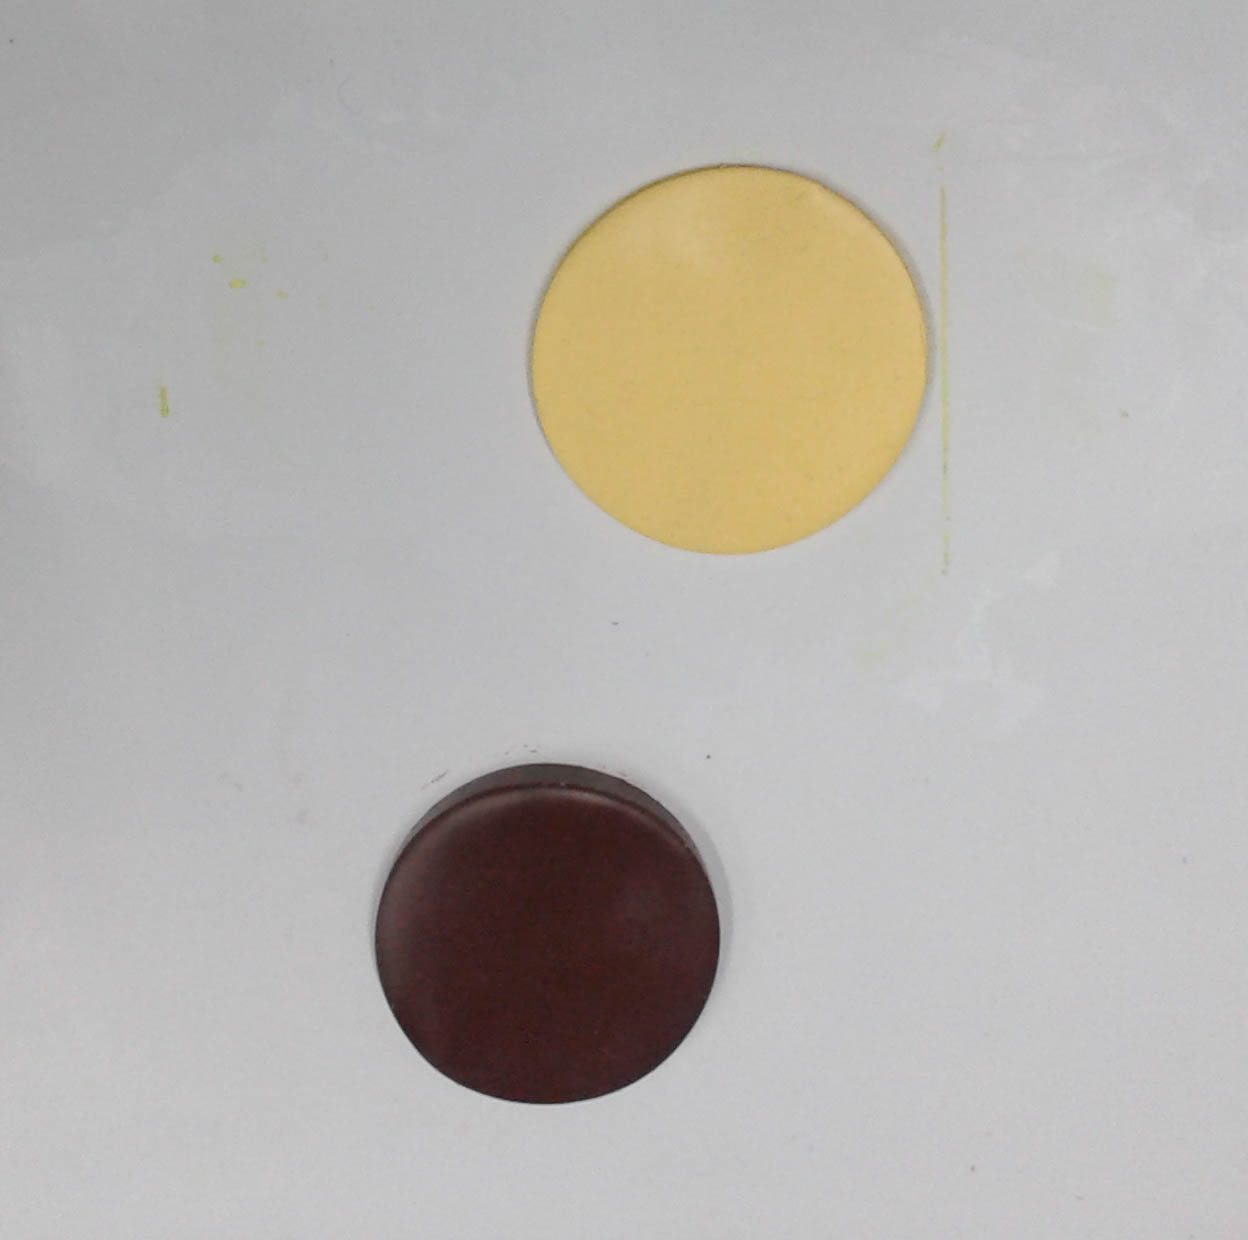 pasta-polimerica-cortada-en-circulo